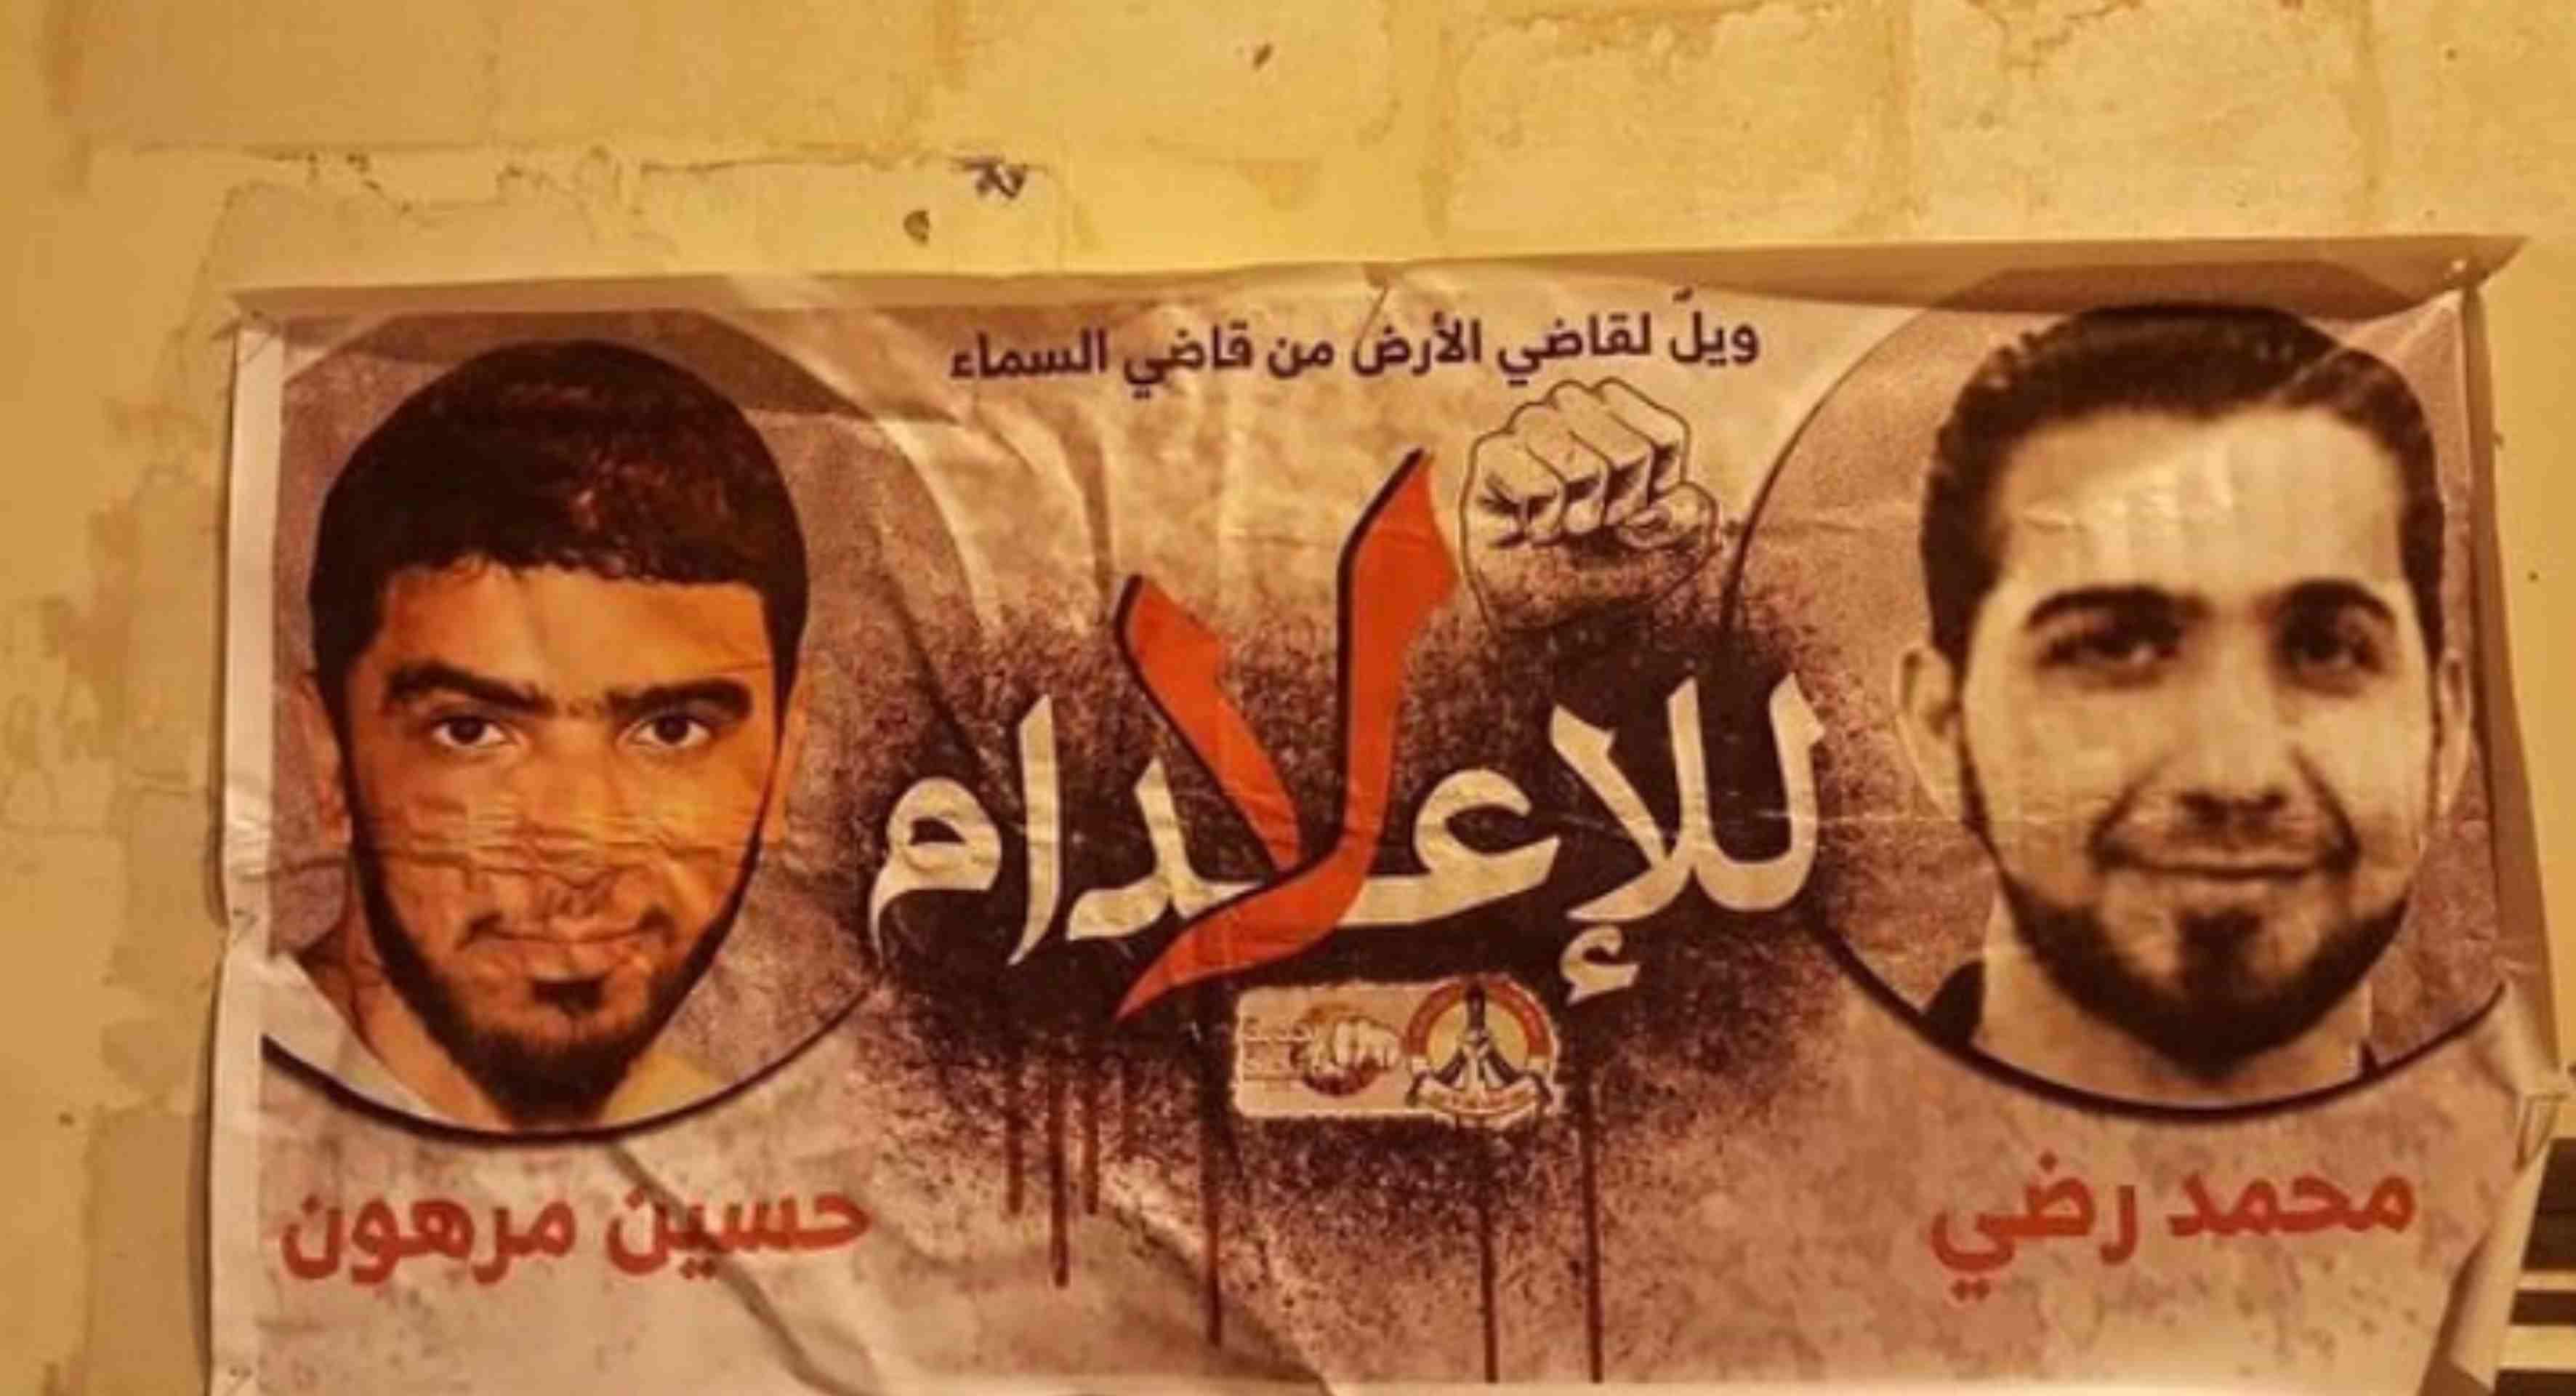 جدران بلدة باربار تزدان بصور المعتقلين السياسيّين